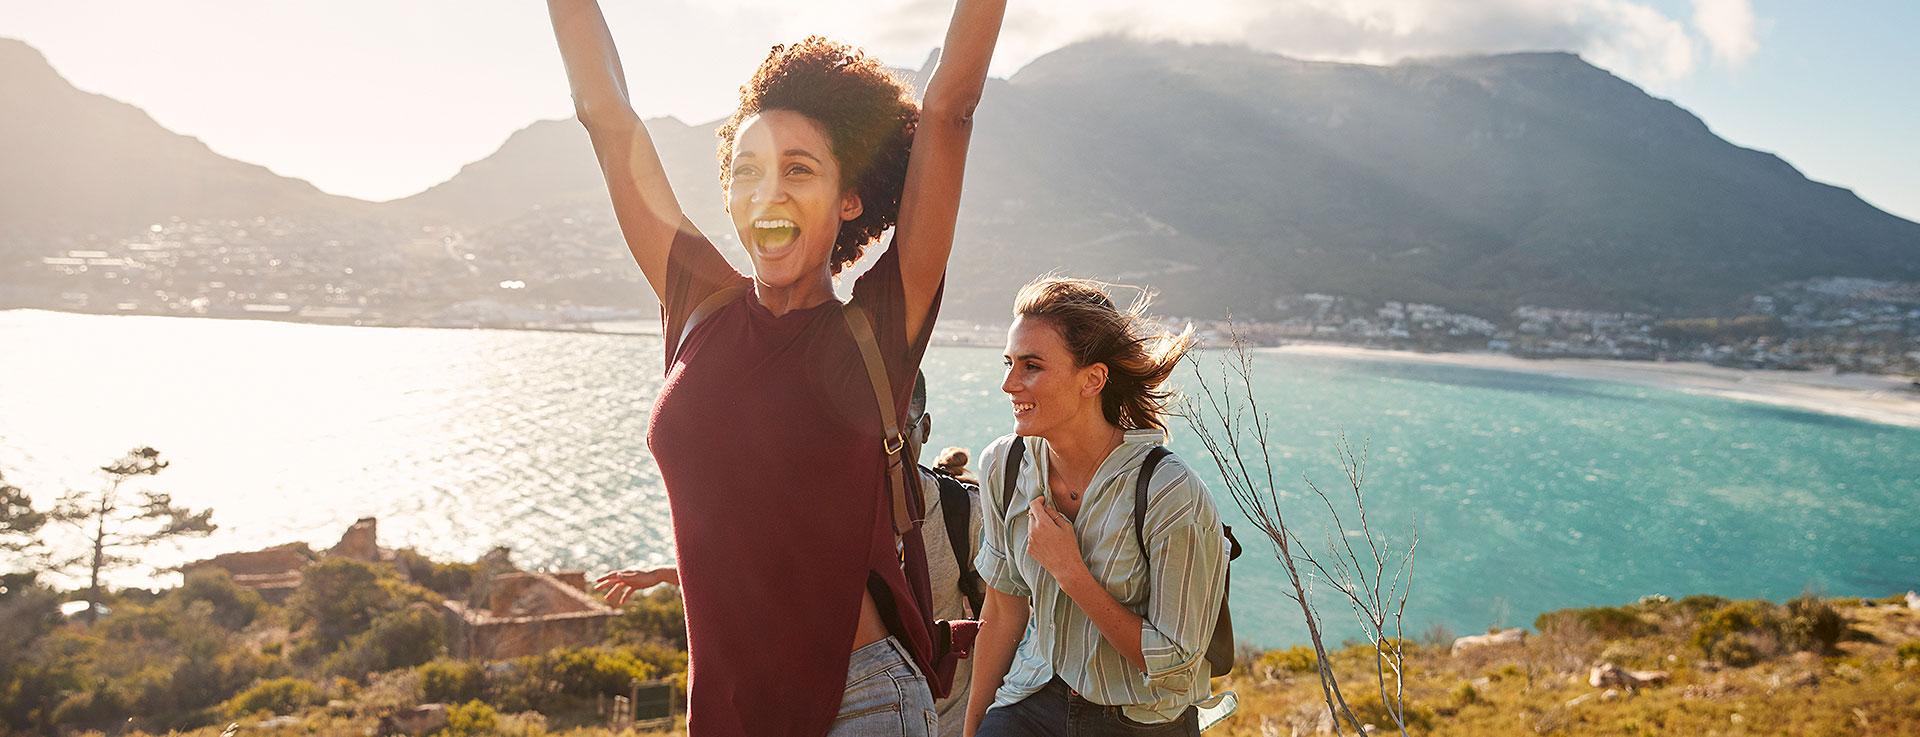 ¿Por qué Mindful Travel es el futuro de los viajes?